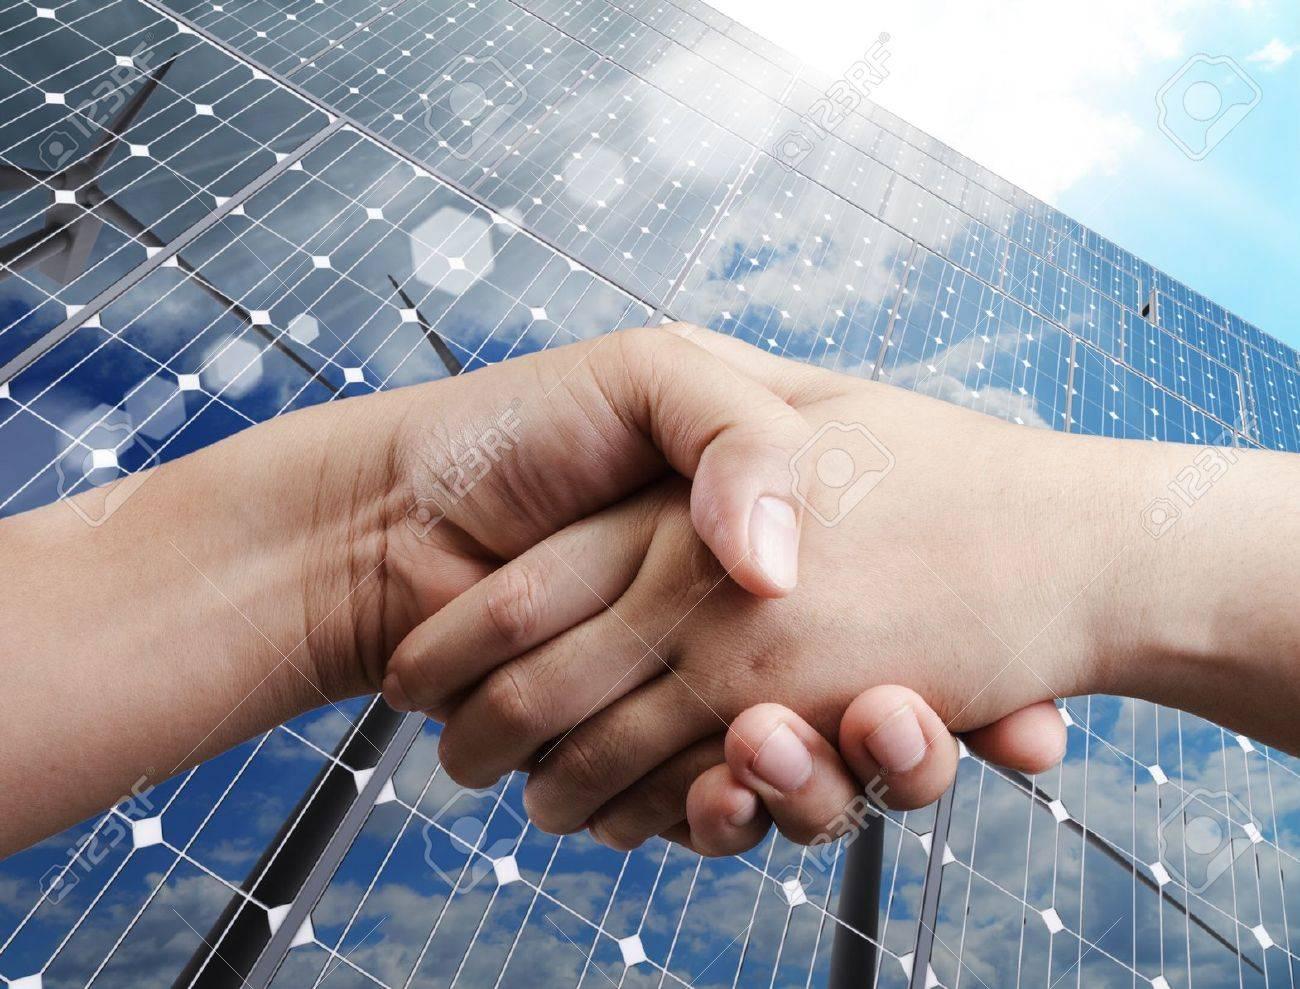 handshake and sunlight background Stock Photo - 14731750